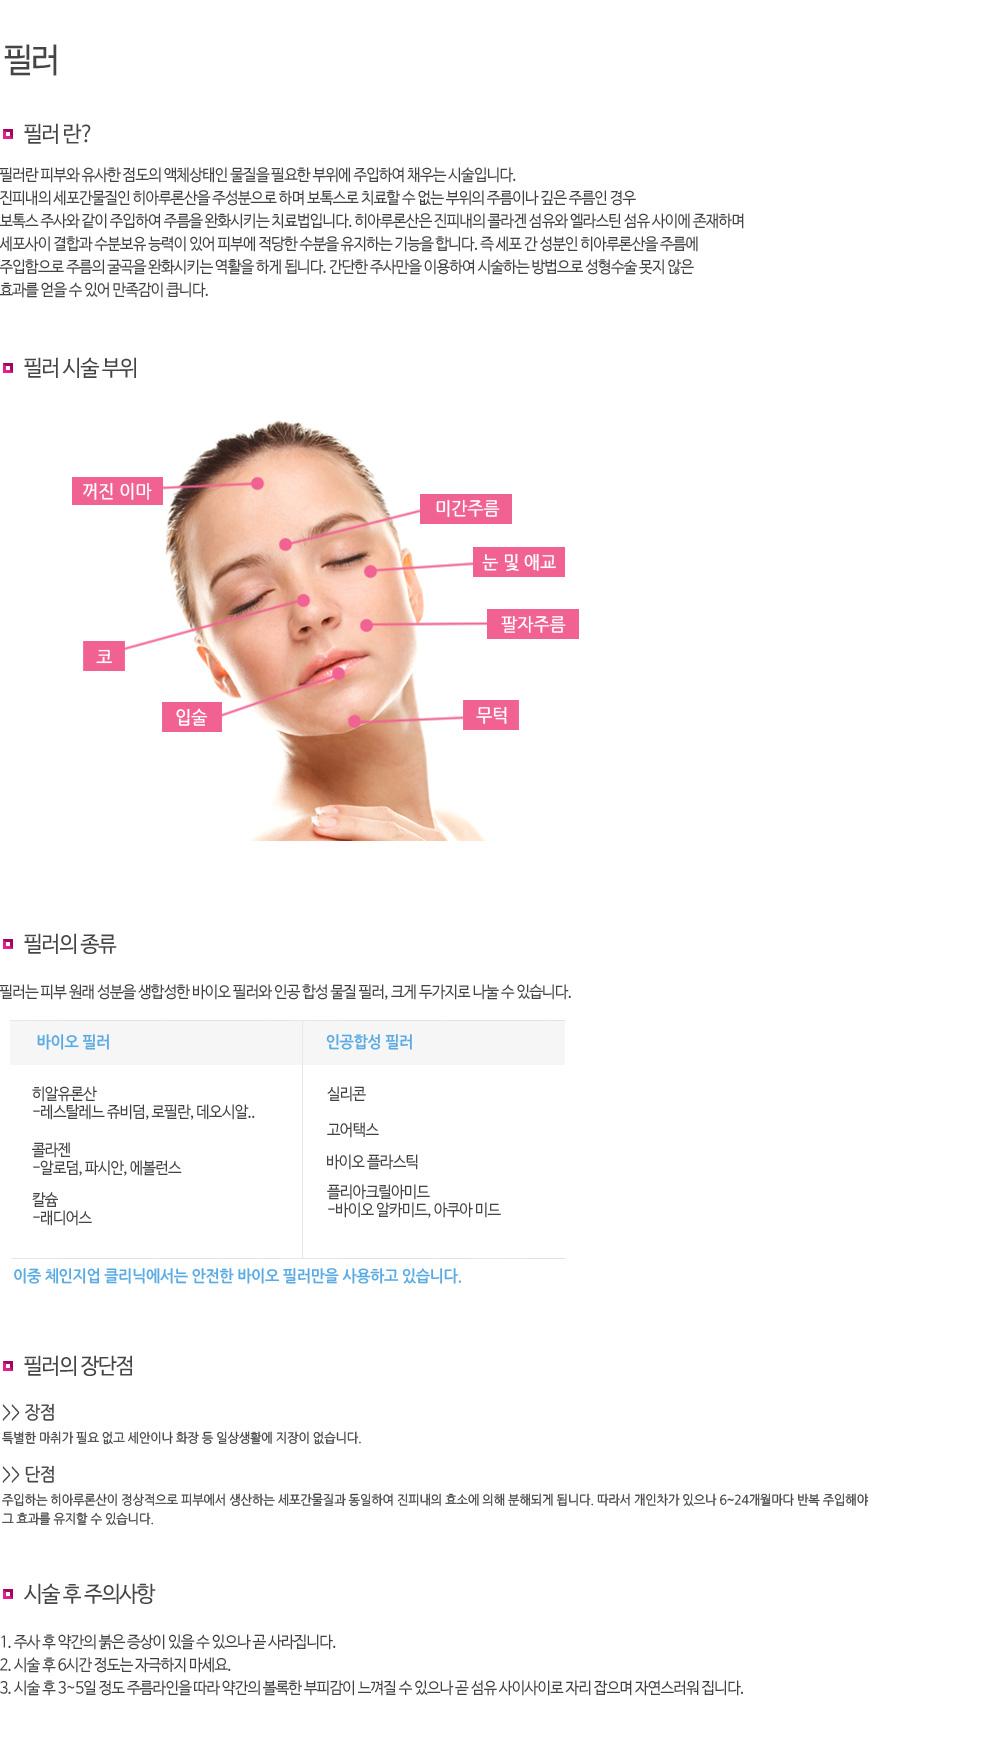 필러 : 필러란 피부와 유사한 점도의 액체상태인 물질을 필요한 부위에 주입하여 채우는 시술입니다.